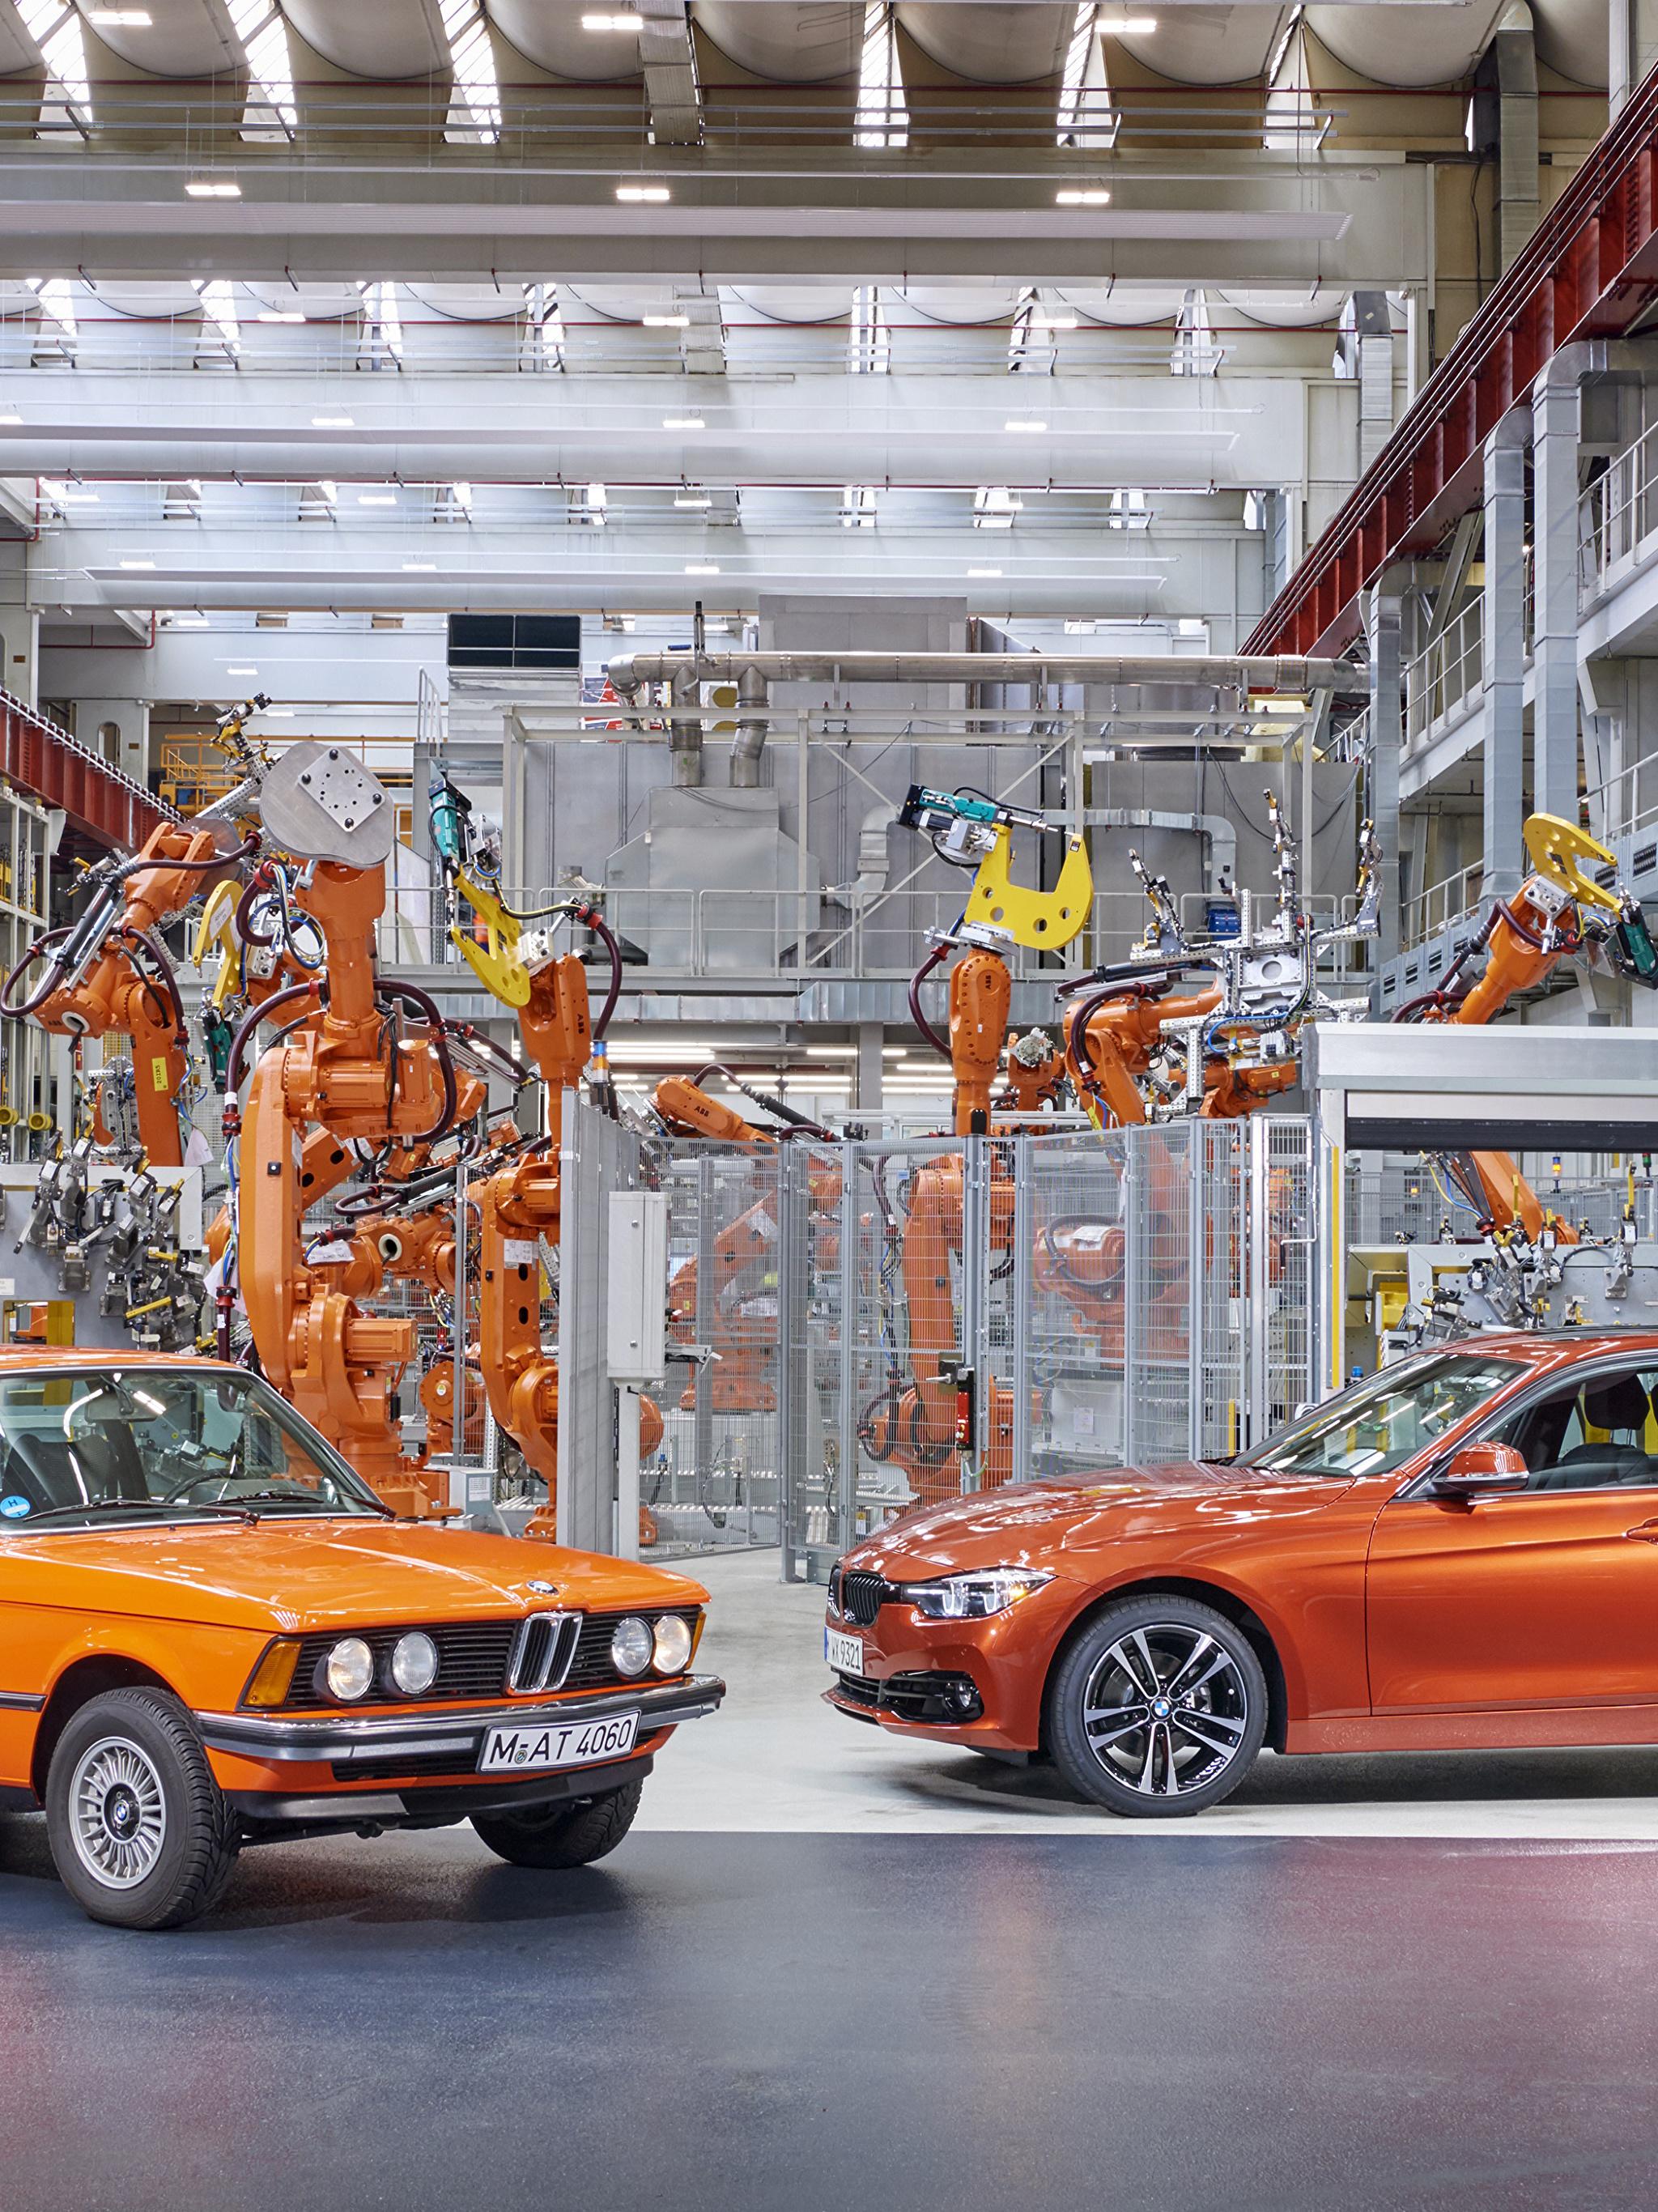 Картинки BMW 1975-2017 3 Series Завод 2 Оранжевый Металлик Автомобили 2048x2732 БМВ фабрика Двое вдвоем Авто Машины